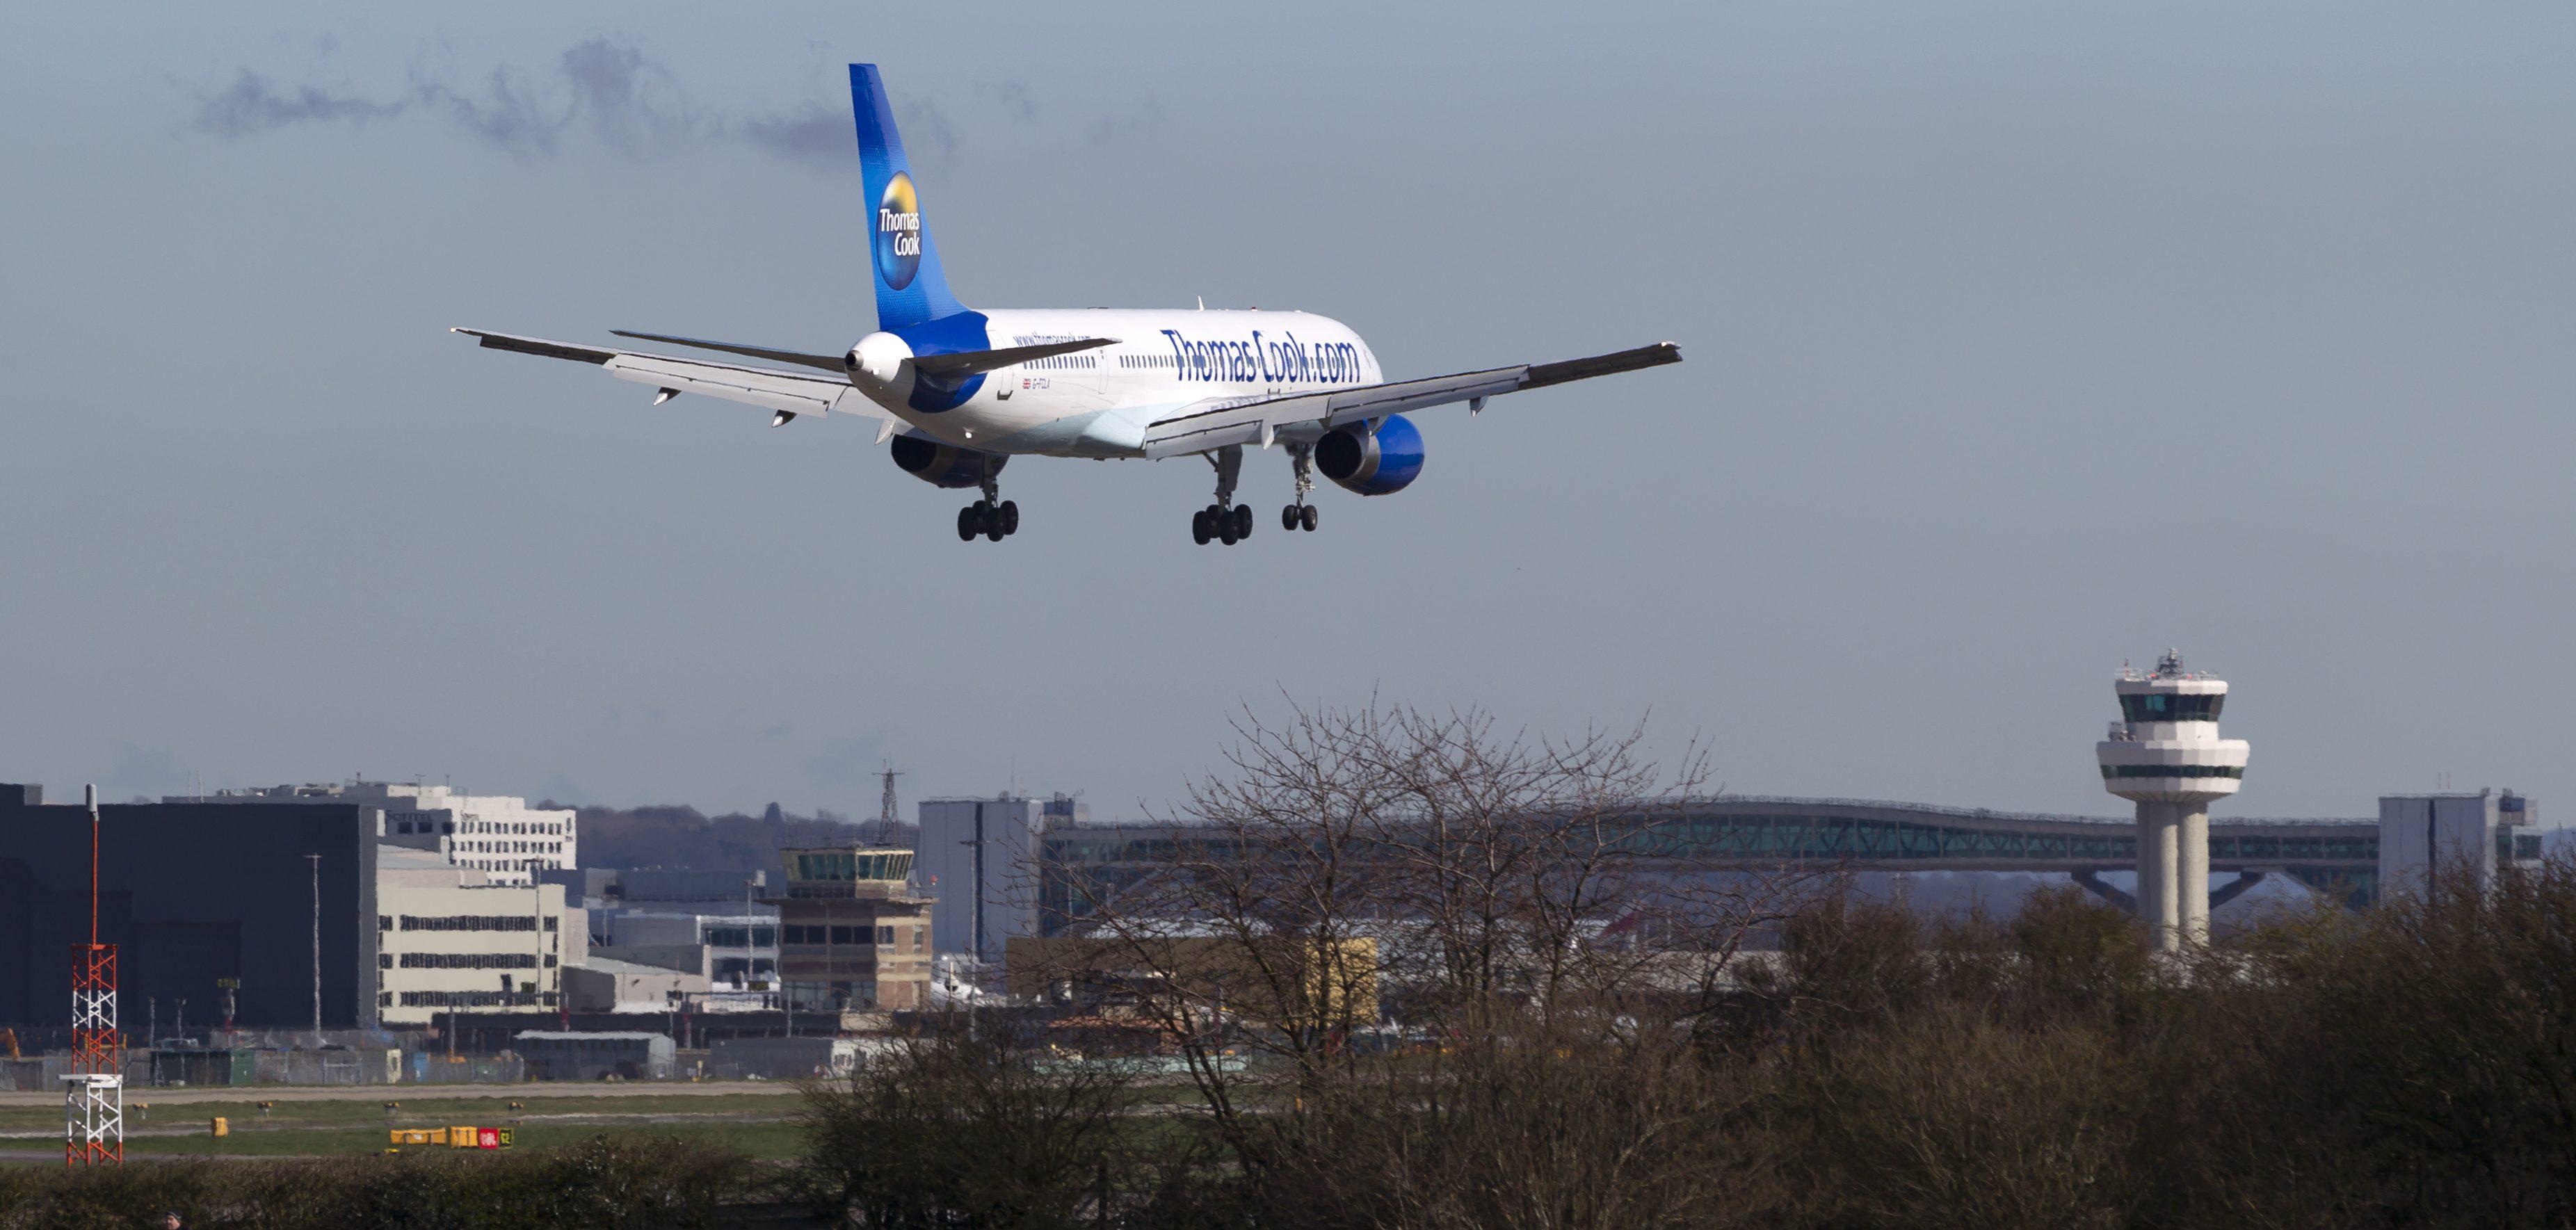 Flere flyselskaber er interesseret i slottiderne fra det konkursramte britiske flyselskab Thomas Cook Airlines. Foto: © Thorbjørn Brunander Sund, Danish Aviation Photo